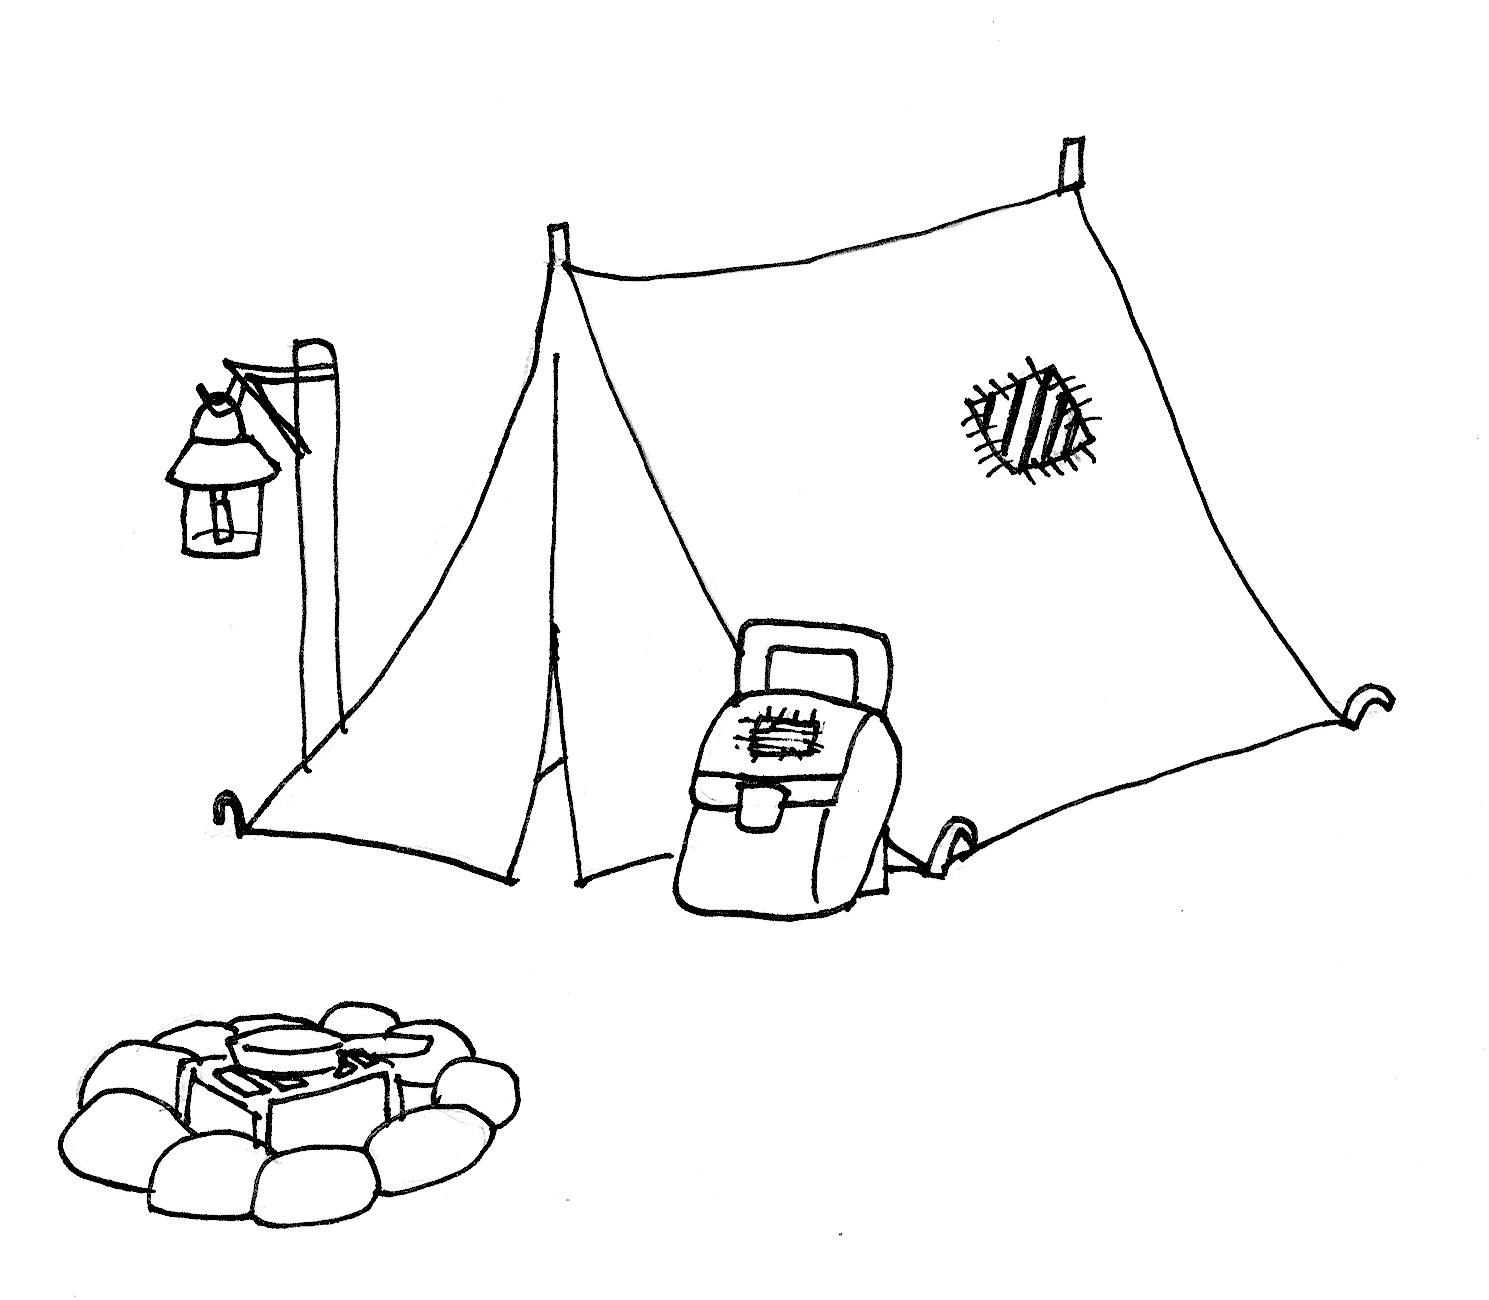 Camping Tent Drawing At Getdrawings